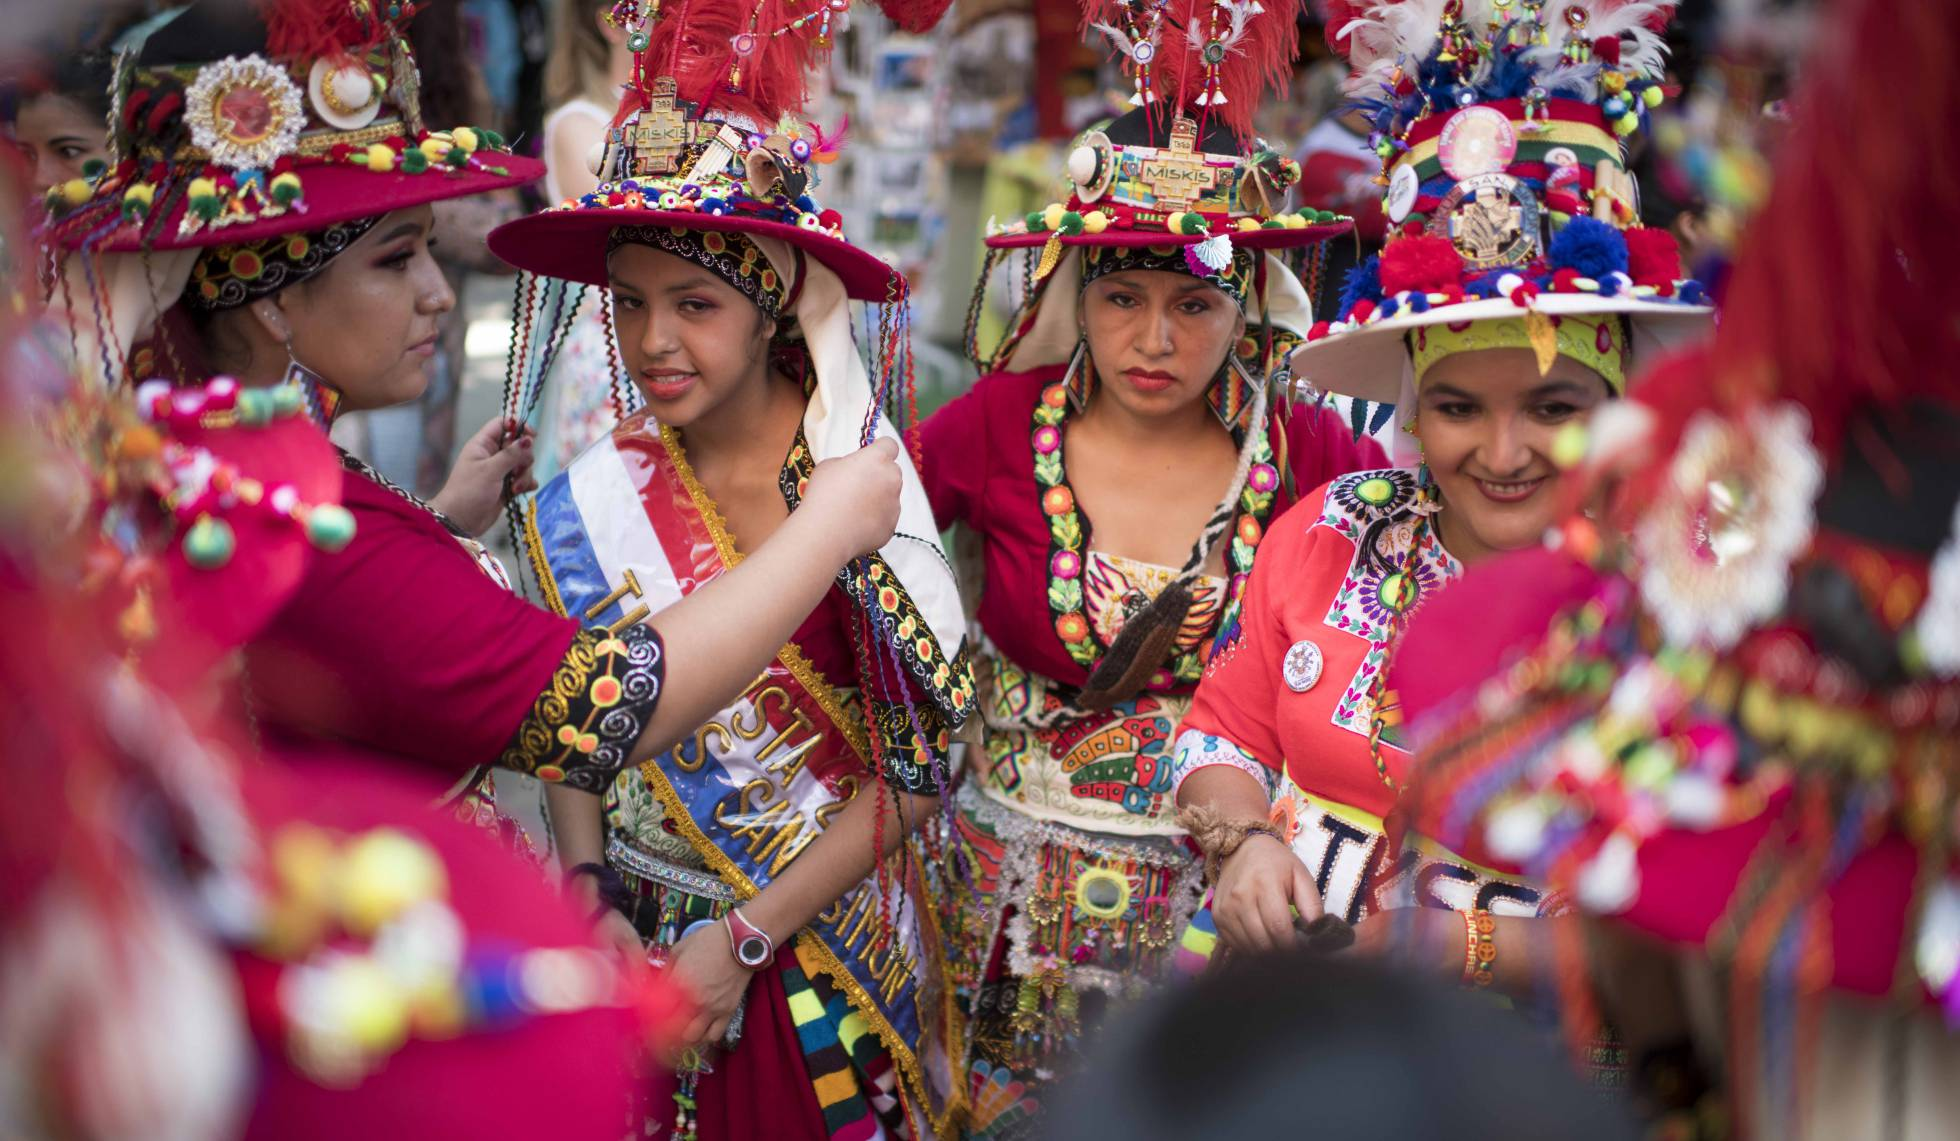 La cultura boliviana llena el paseo del Prado de Madrid (elpais.com)